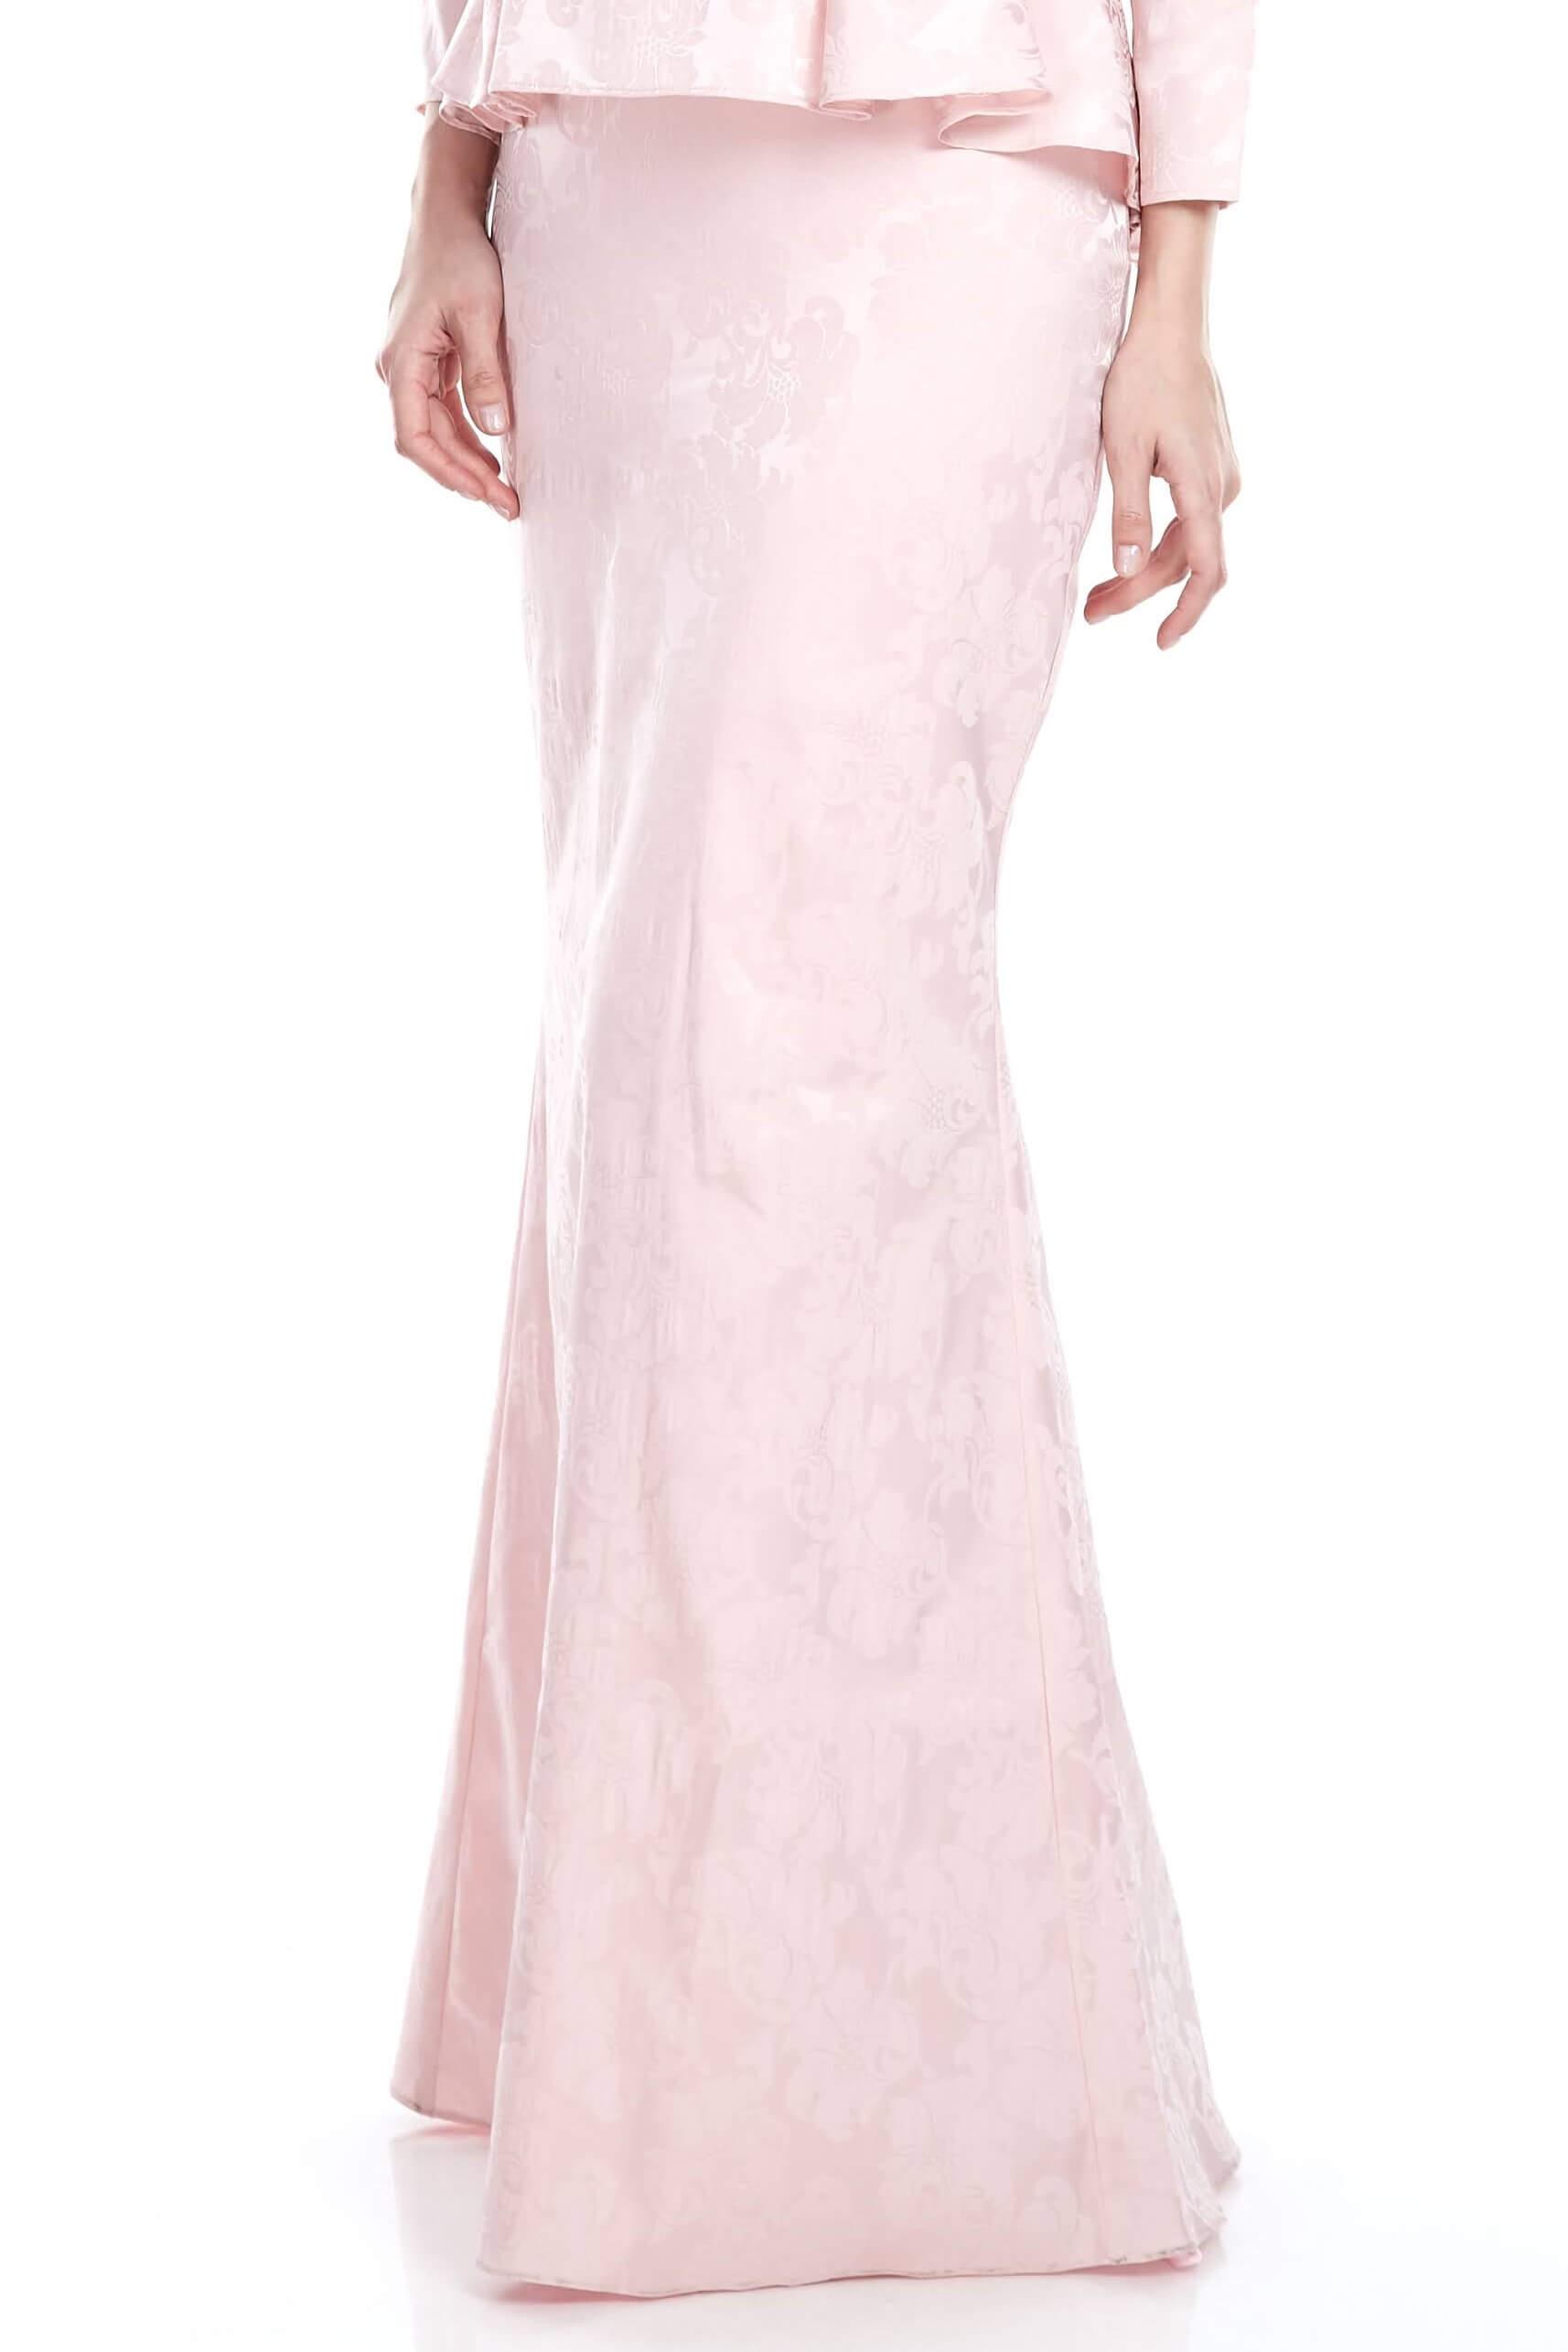 Pink Mermaid Skirt (4)